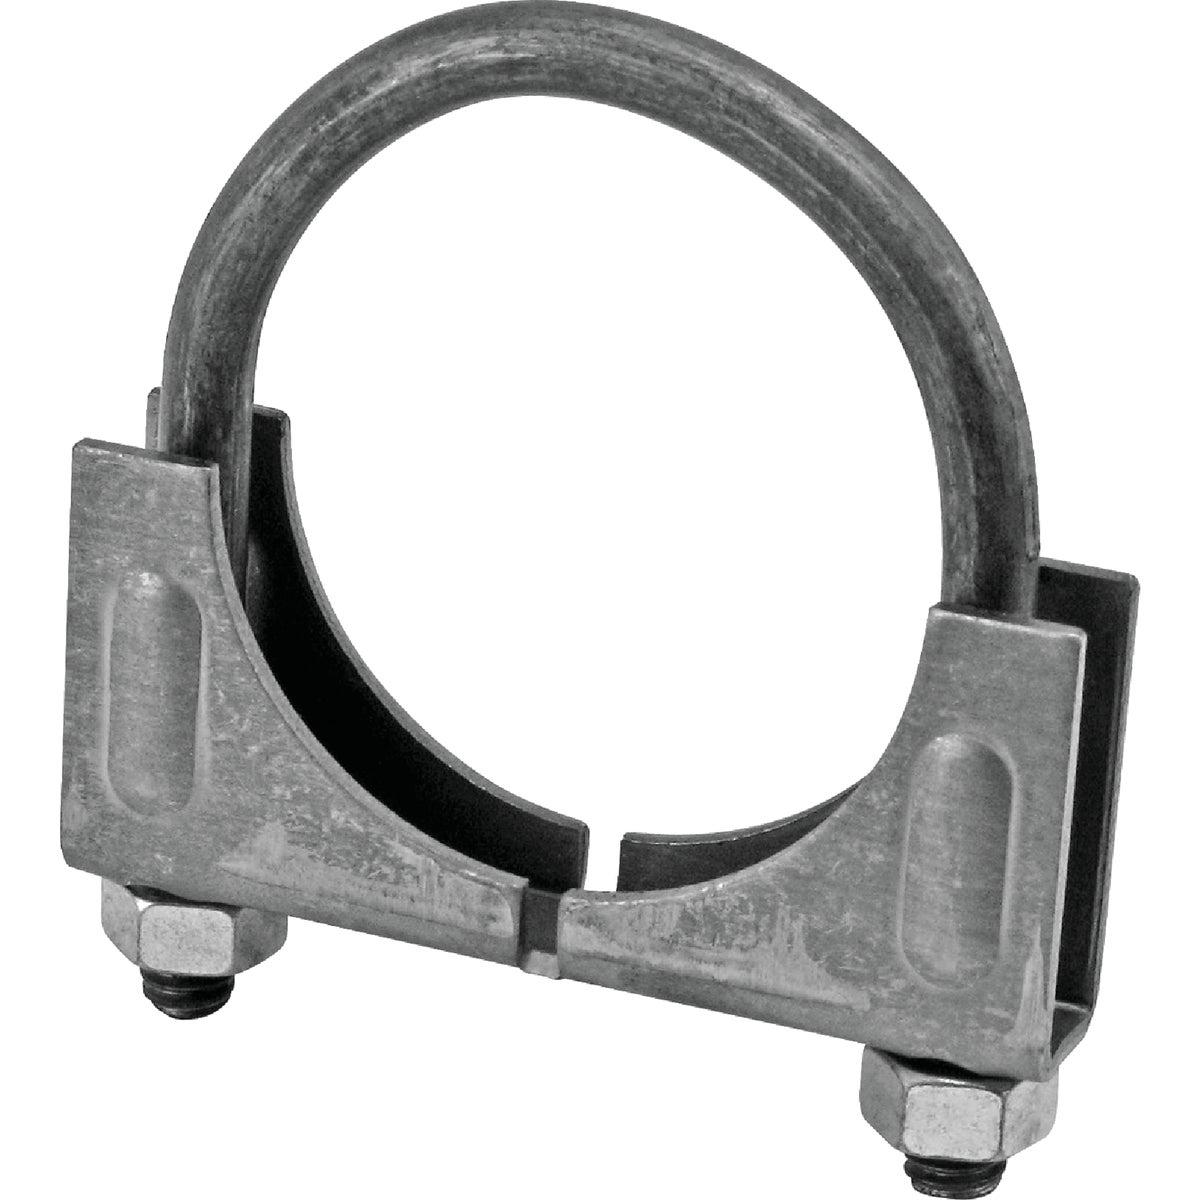 """2-1/4"""" MUFFLER CLAMP - V828 by Bell Automotive Prod"""